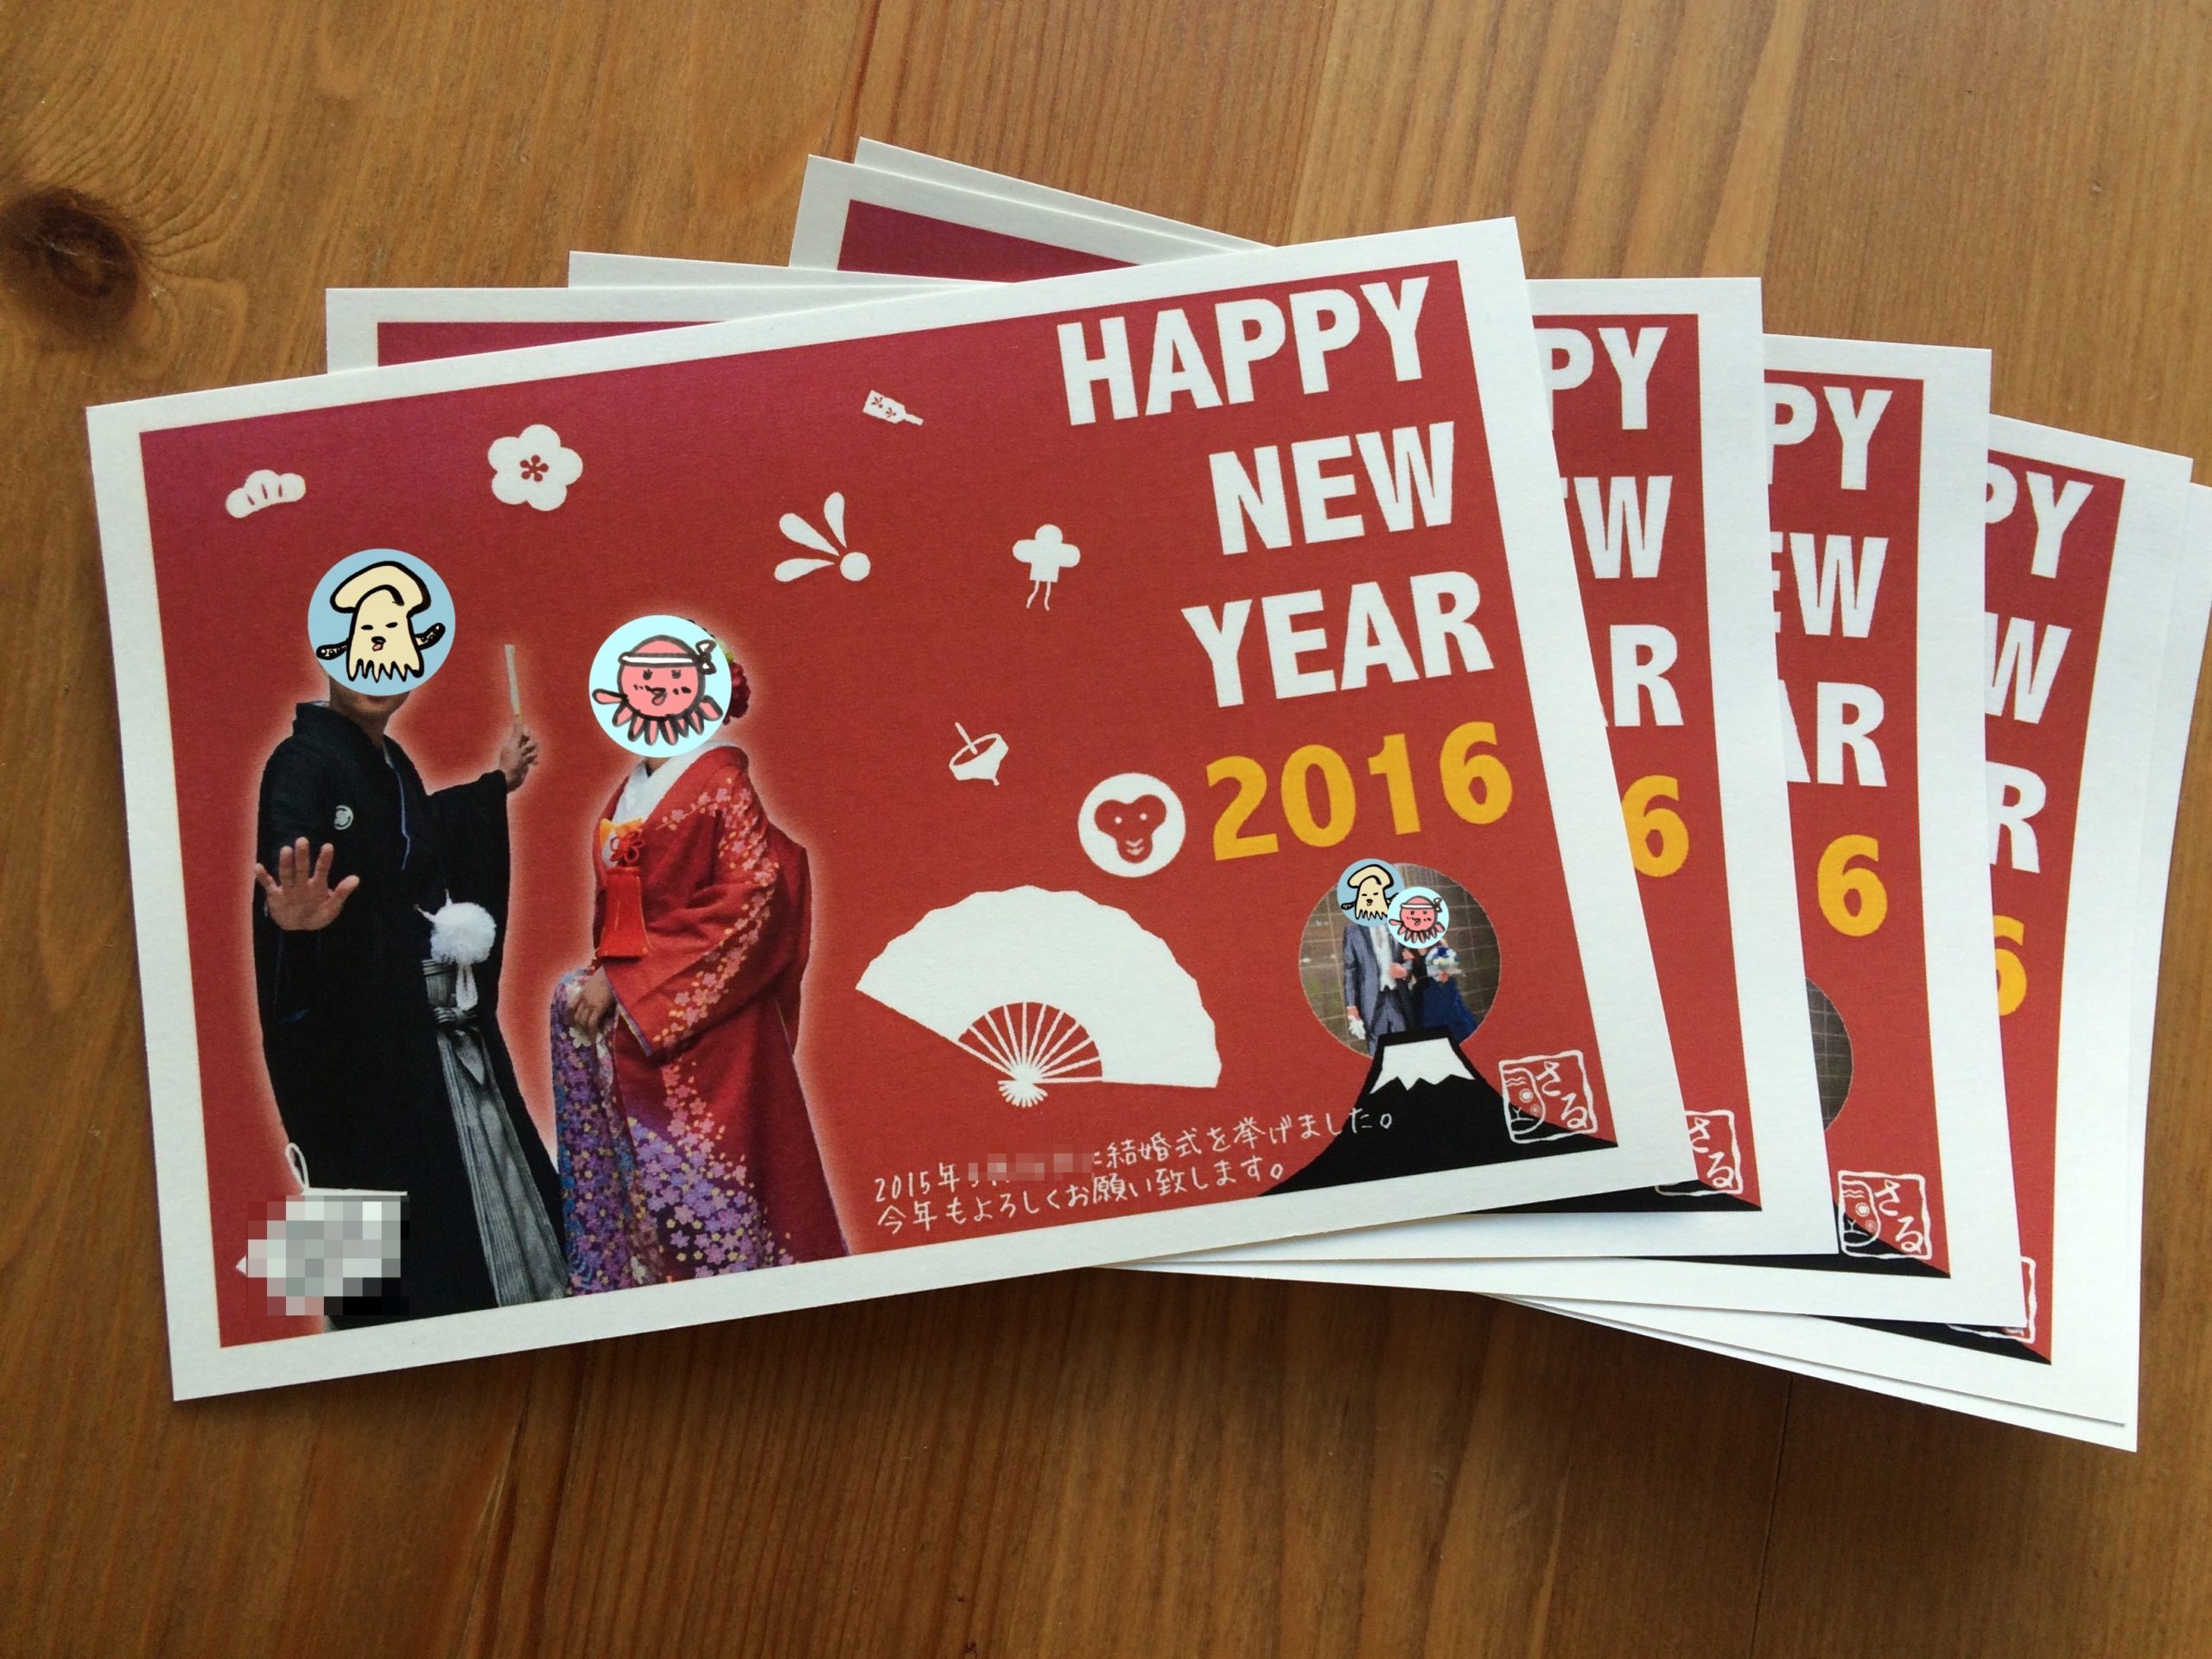 年賀状の持ち込み印刷